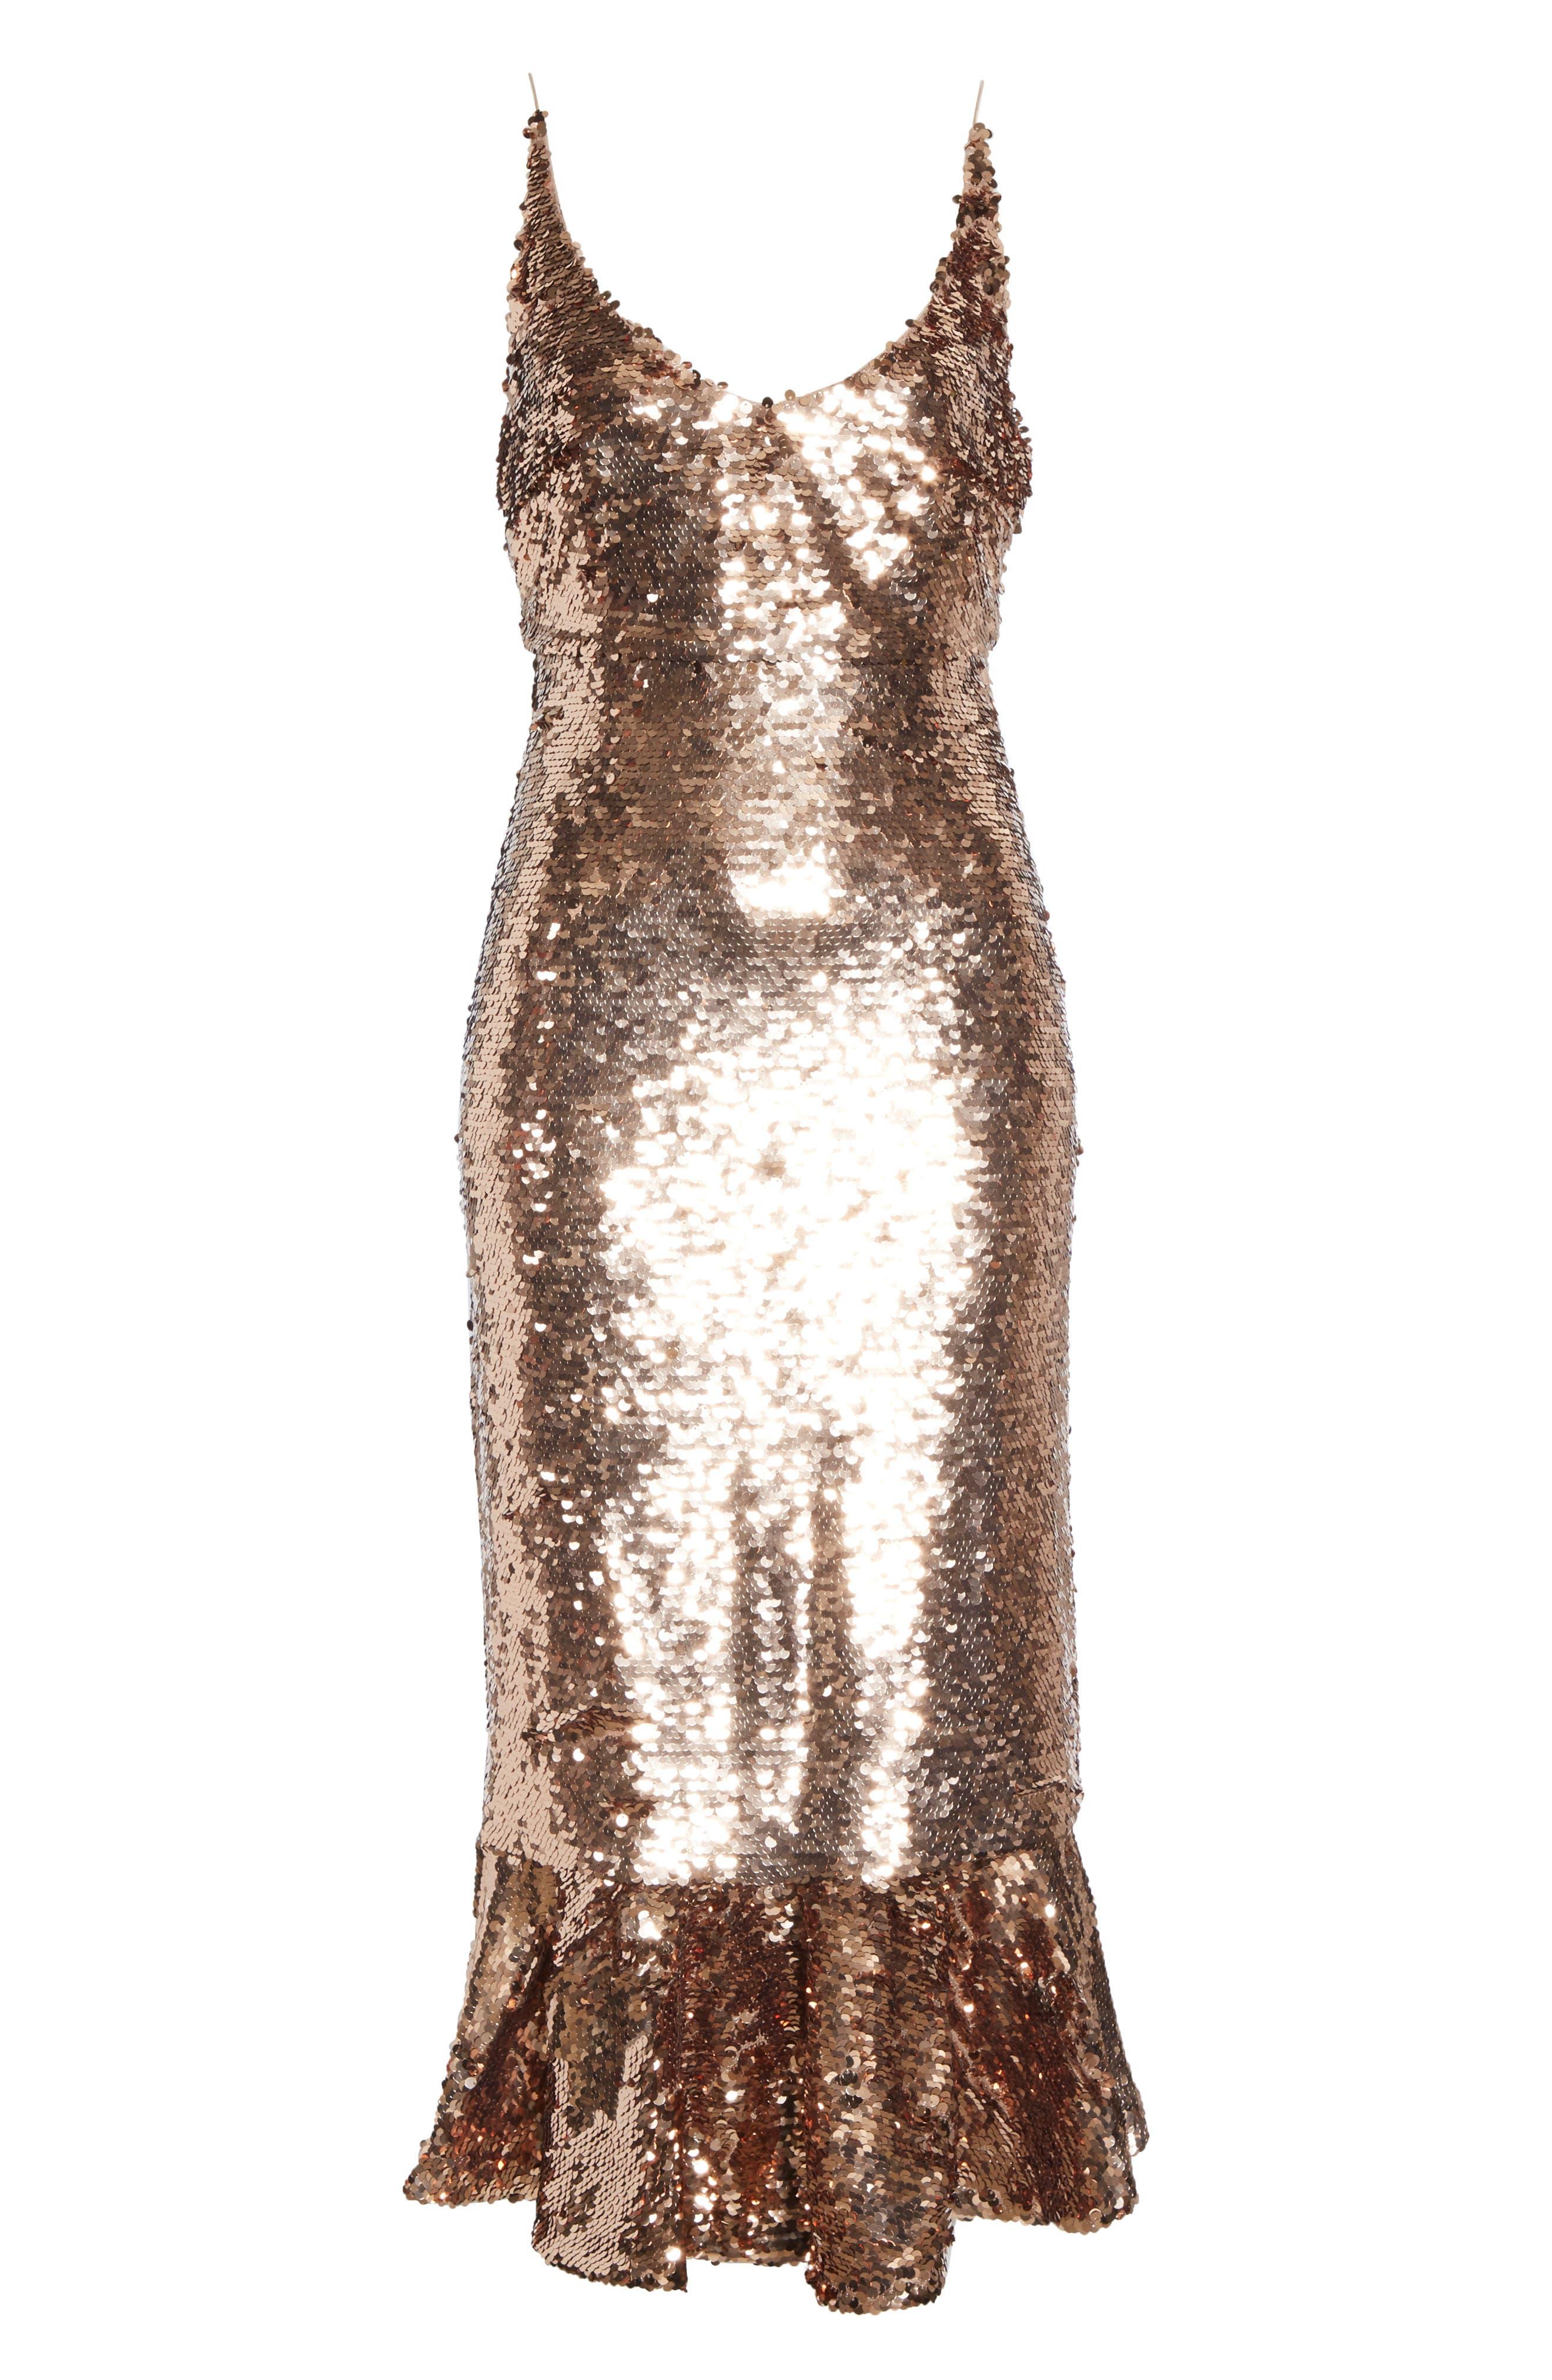 Aidan Sequin Ruffle Hem Midi Dress,                             Alternate thumbnail 7, color,                             BRONZE